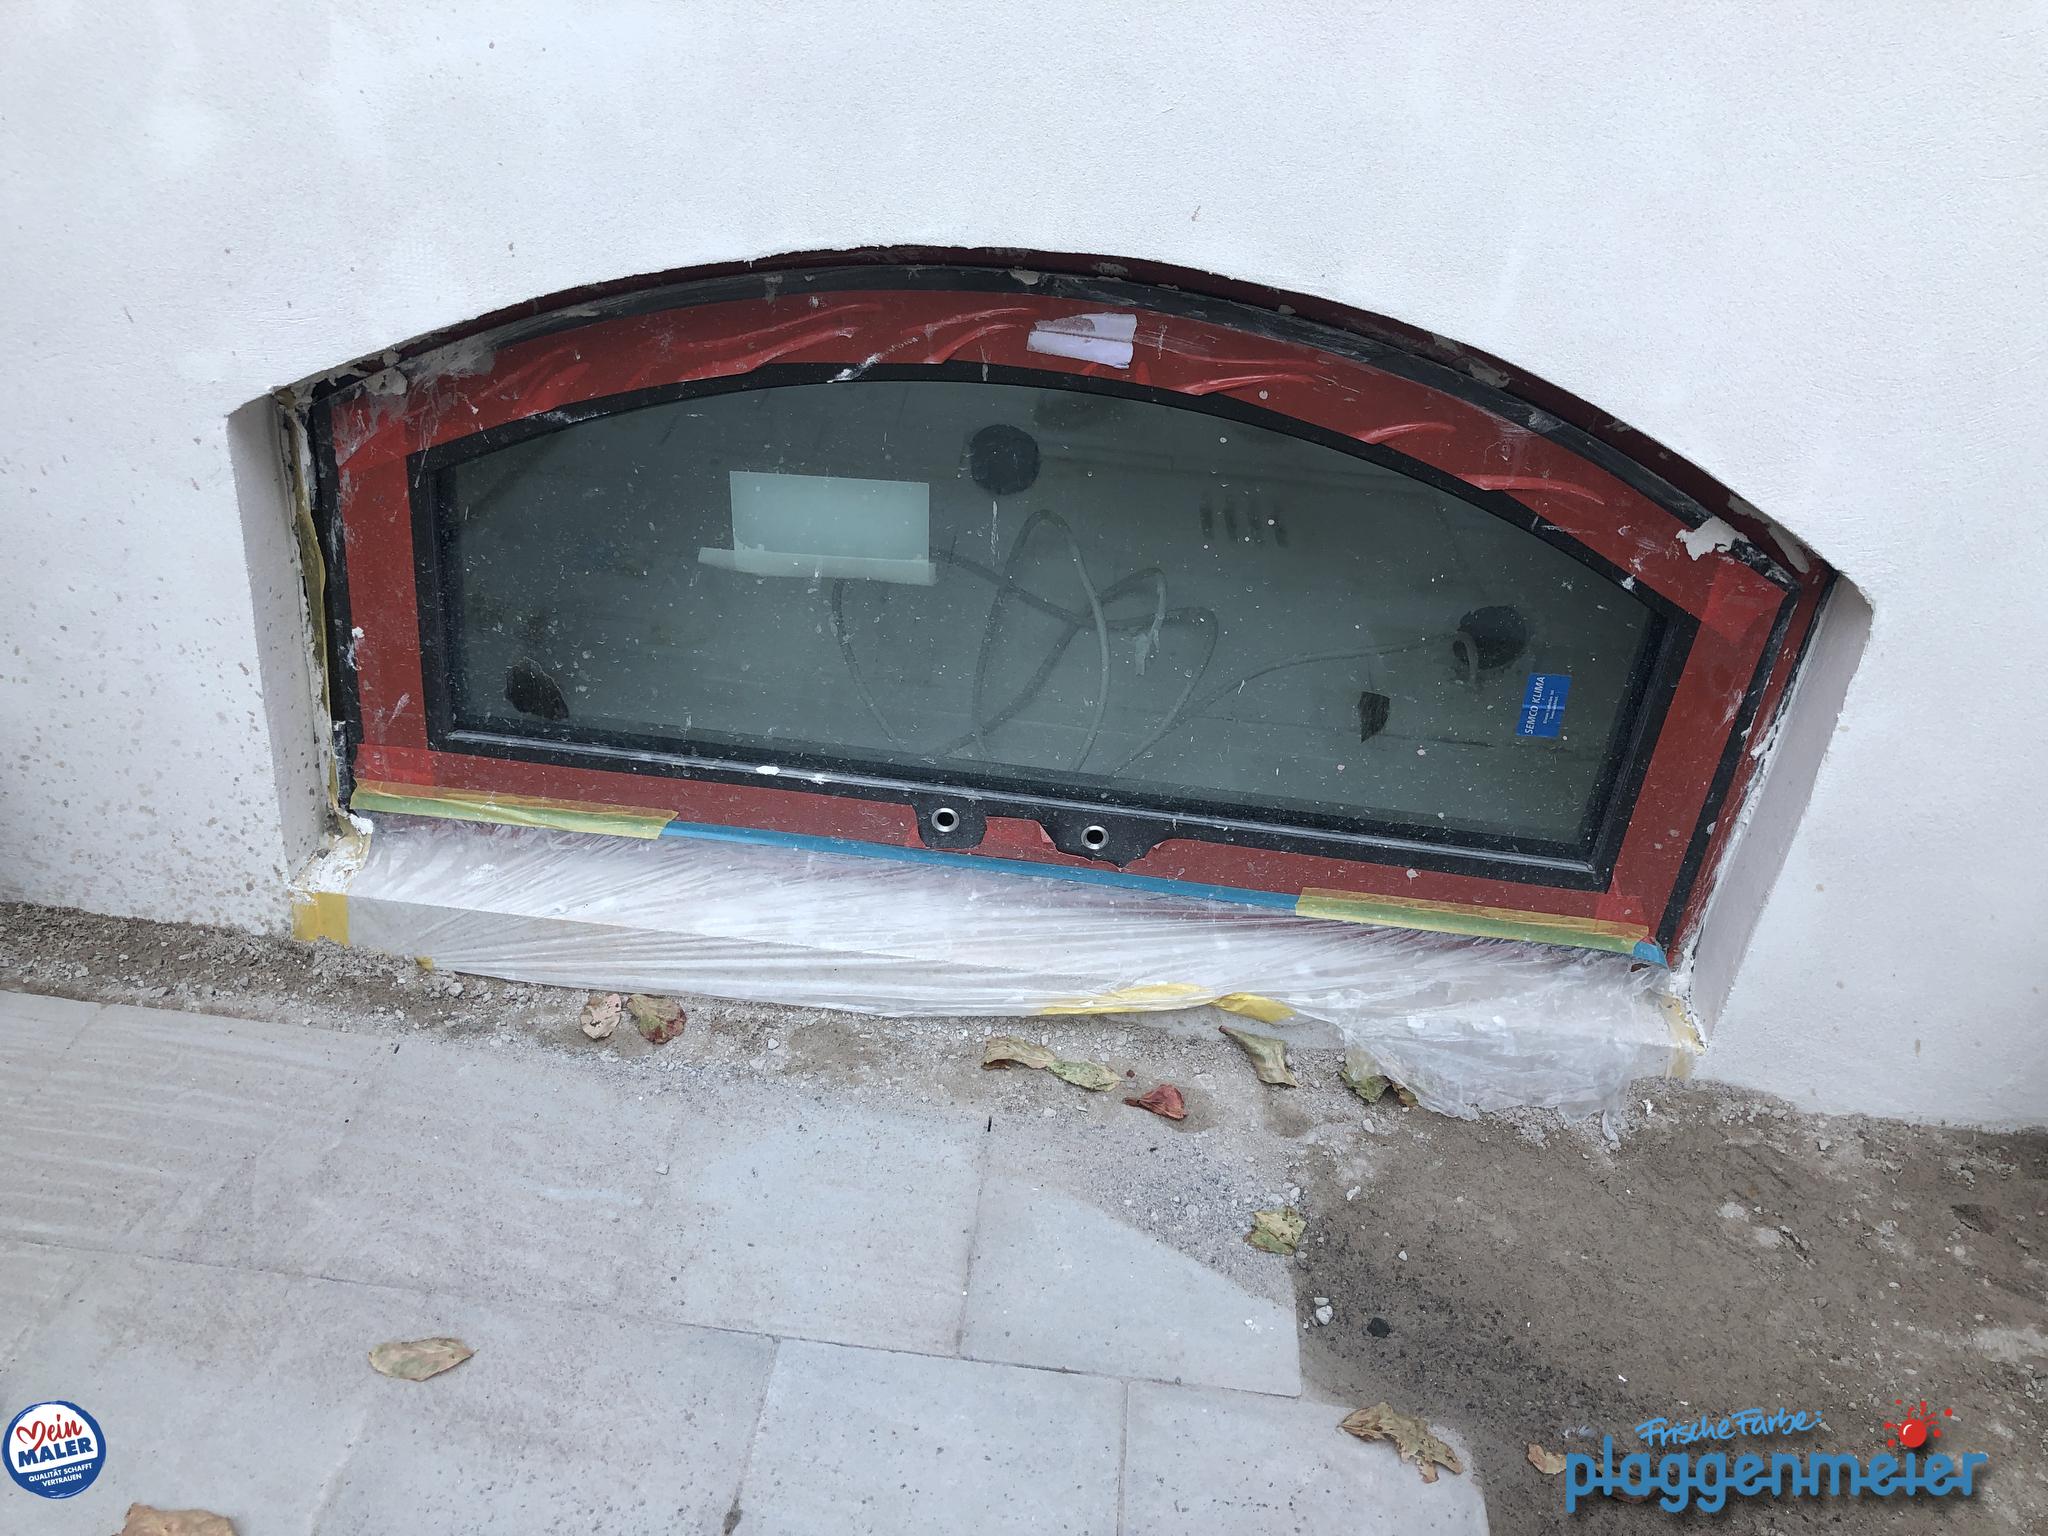 Denkmalschutz-Maler schützen auch während der Arbeit ihr Werk. In Bremen vom Wunschmaler Frische Farbe Plaggenmeier